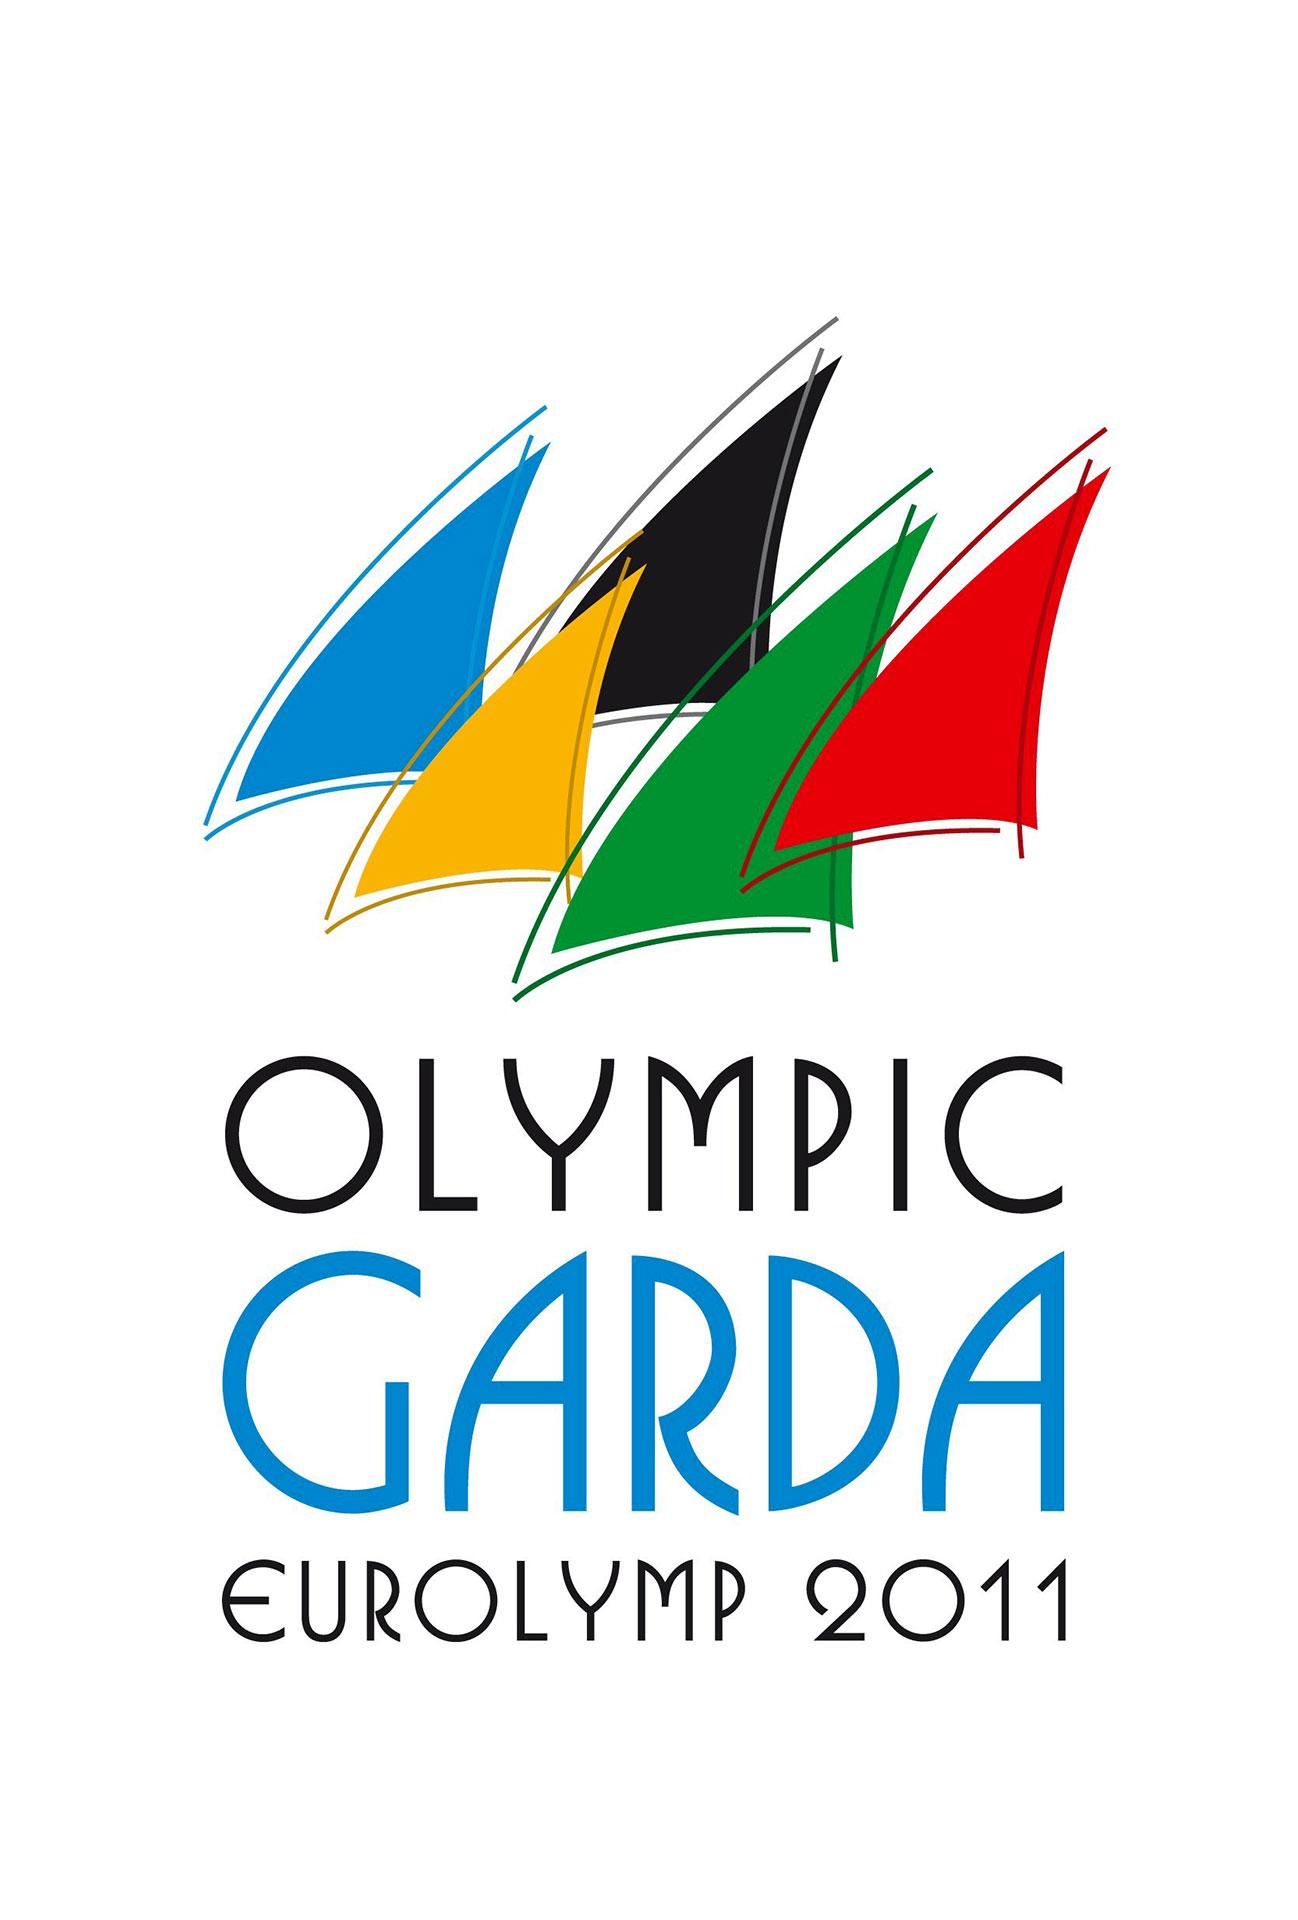 eurolympgarda_fvriva_giolai_p